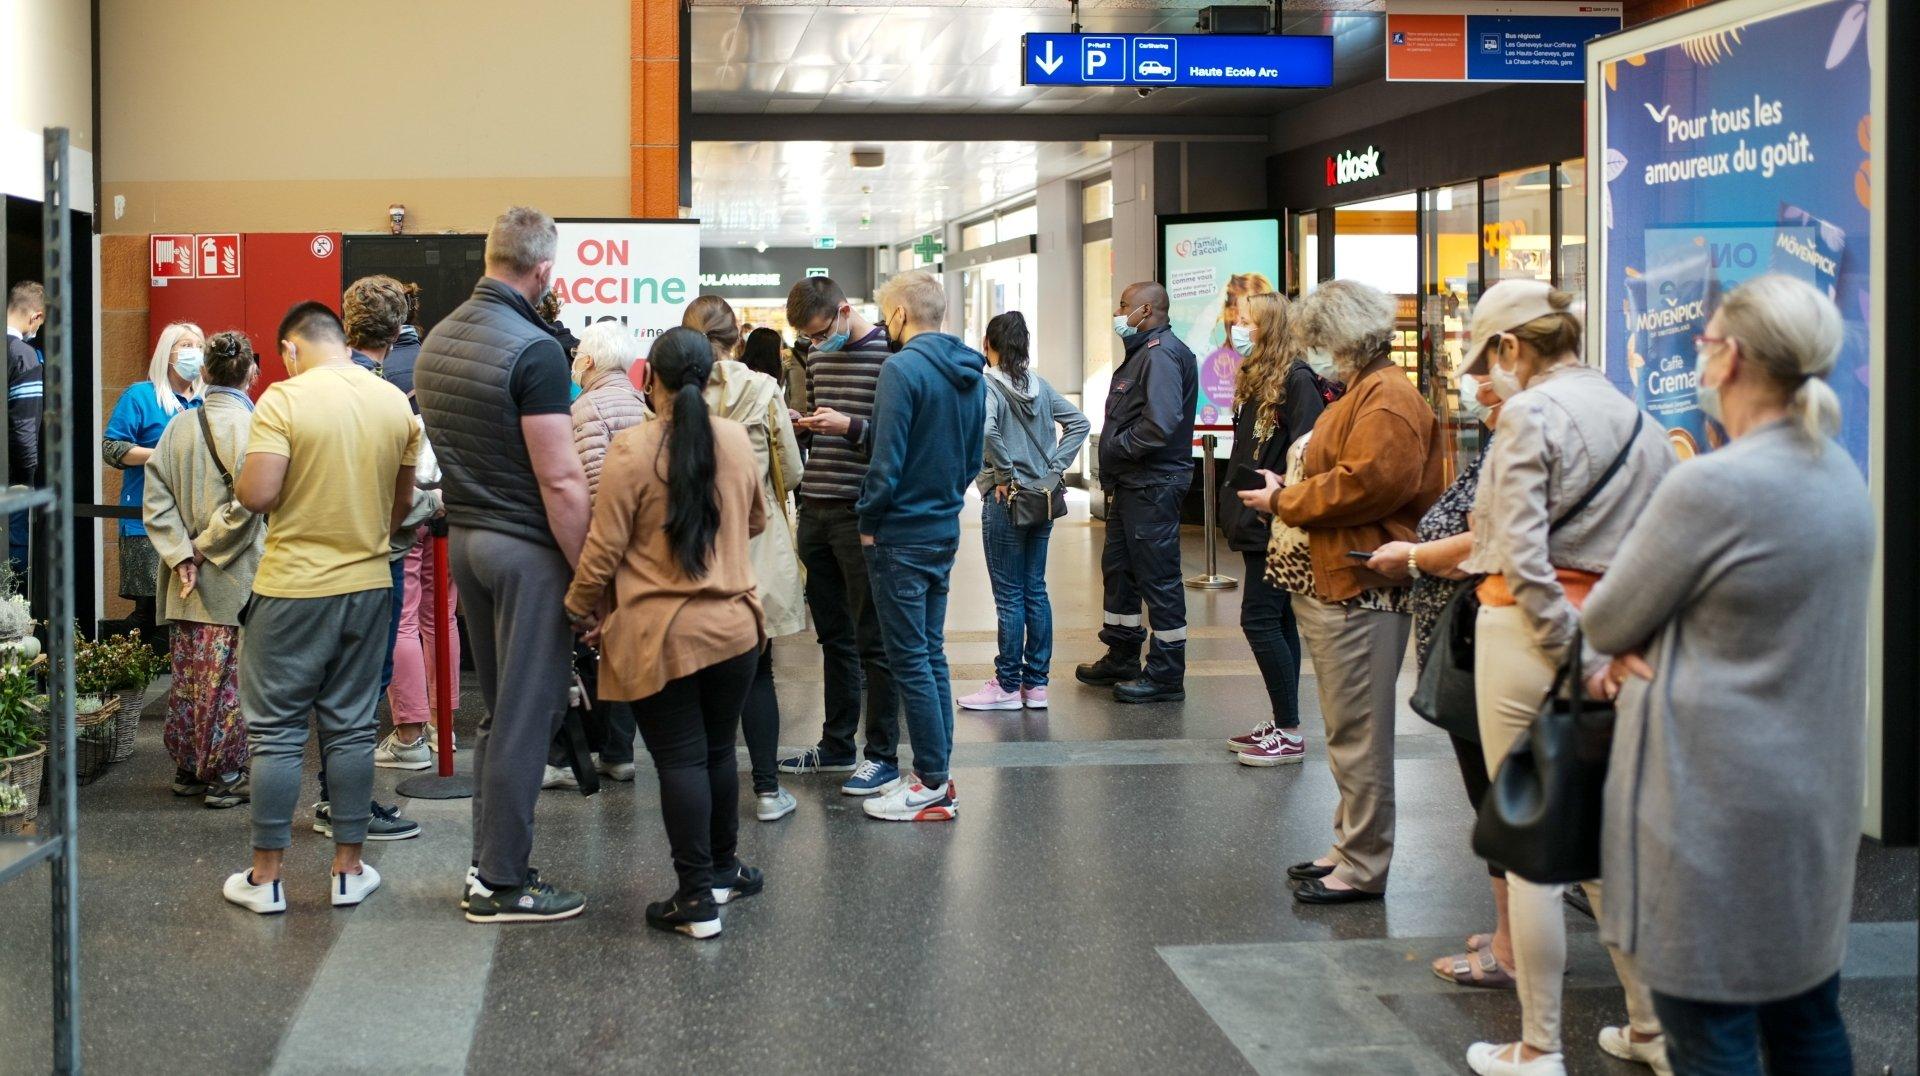 La foule pour se faire vacciner à la gare de Neuchâtel